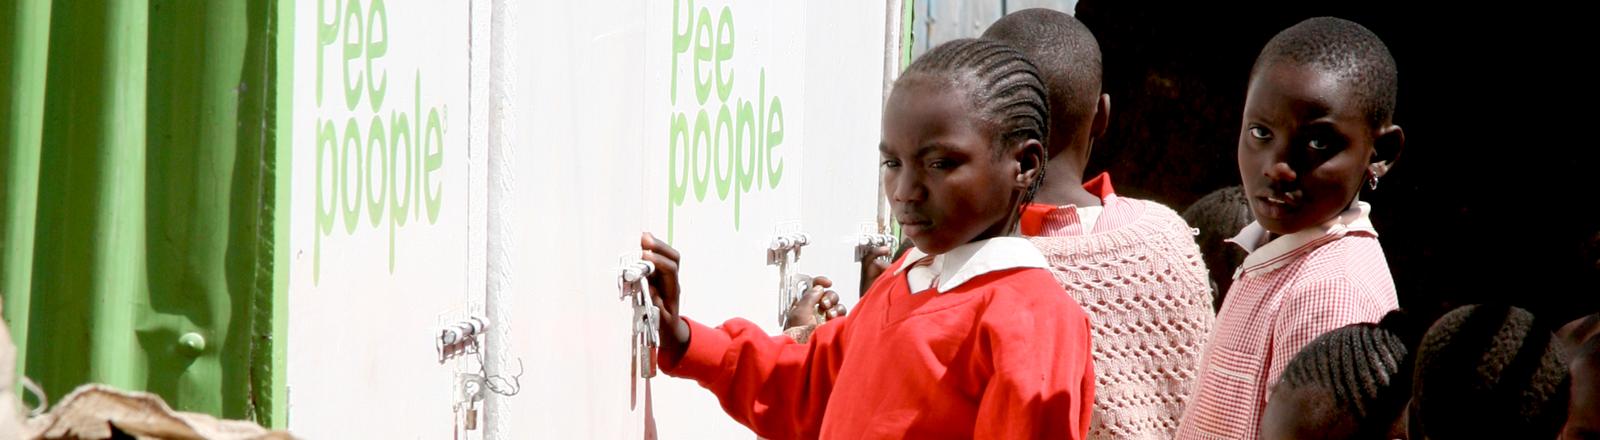 Mädchen in Kenia stehen vor einem Peepoople-Schulklo an